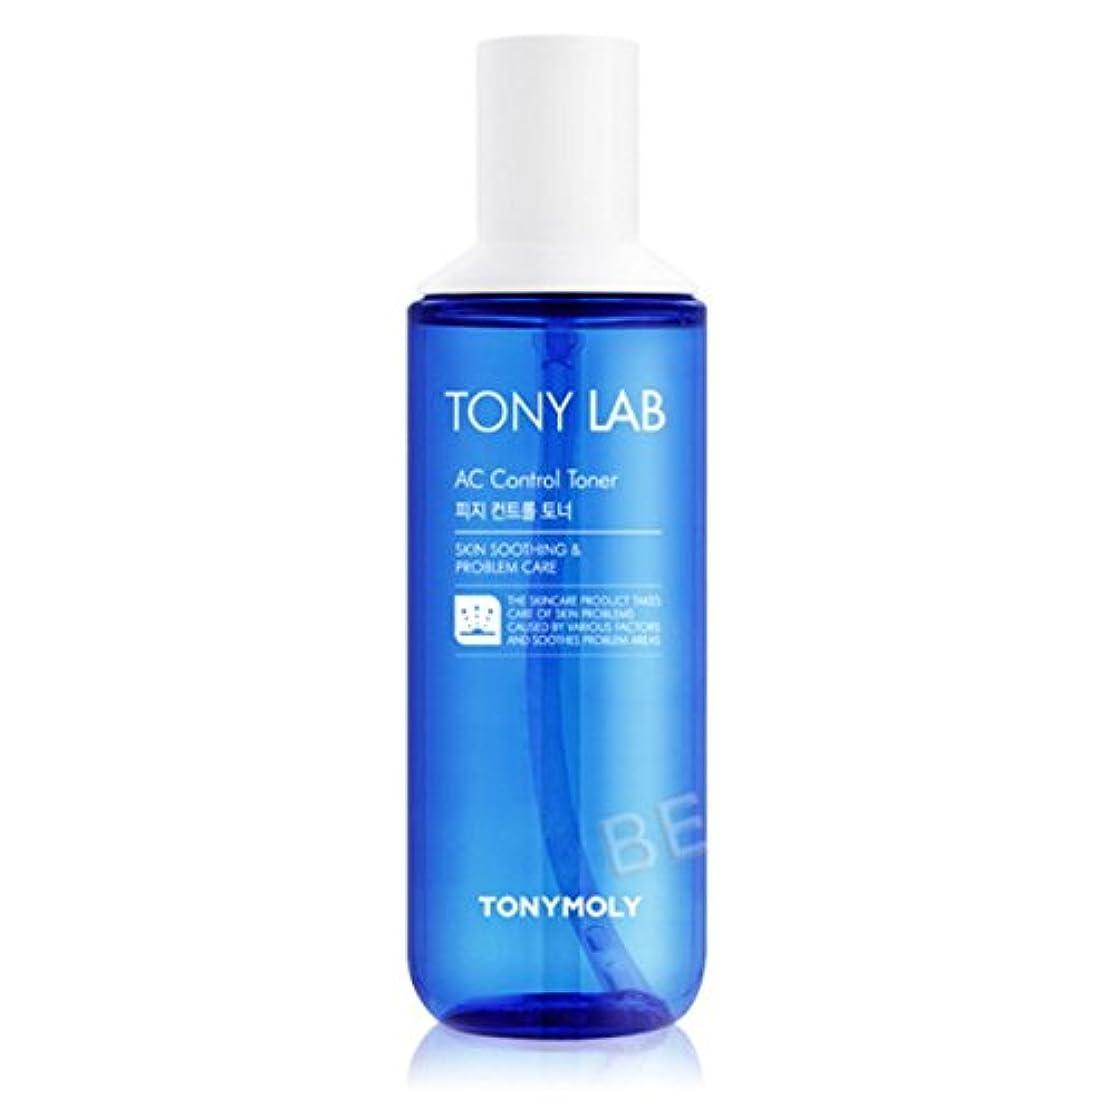 サーマルタヒチスティック(3 Pack) TONYMOLY Tony Lab AC Control Toner (並行輸入品)